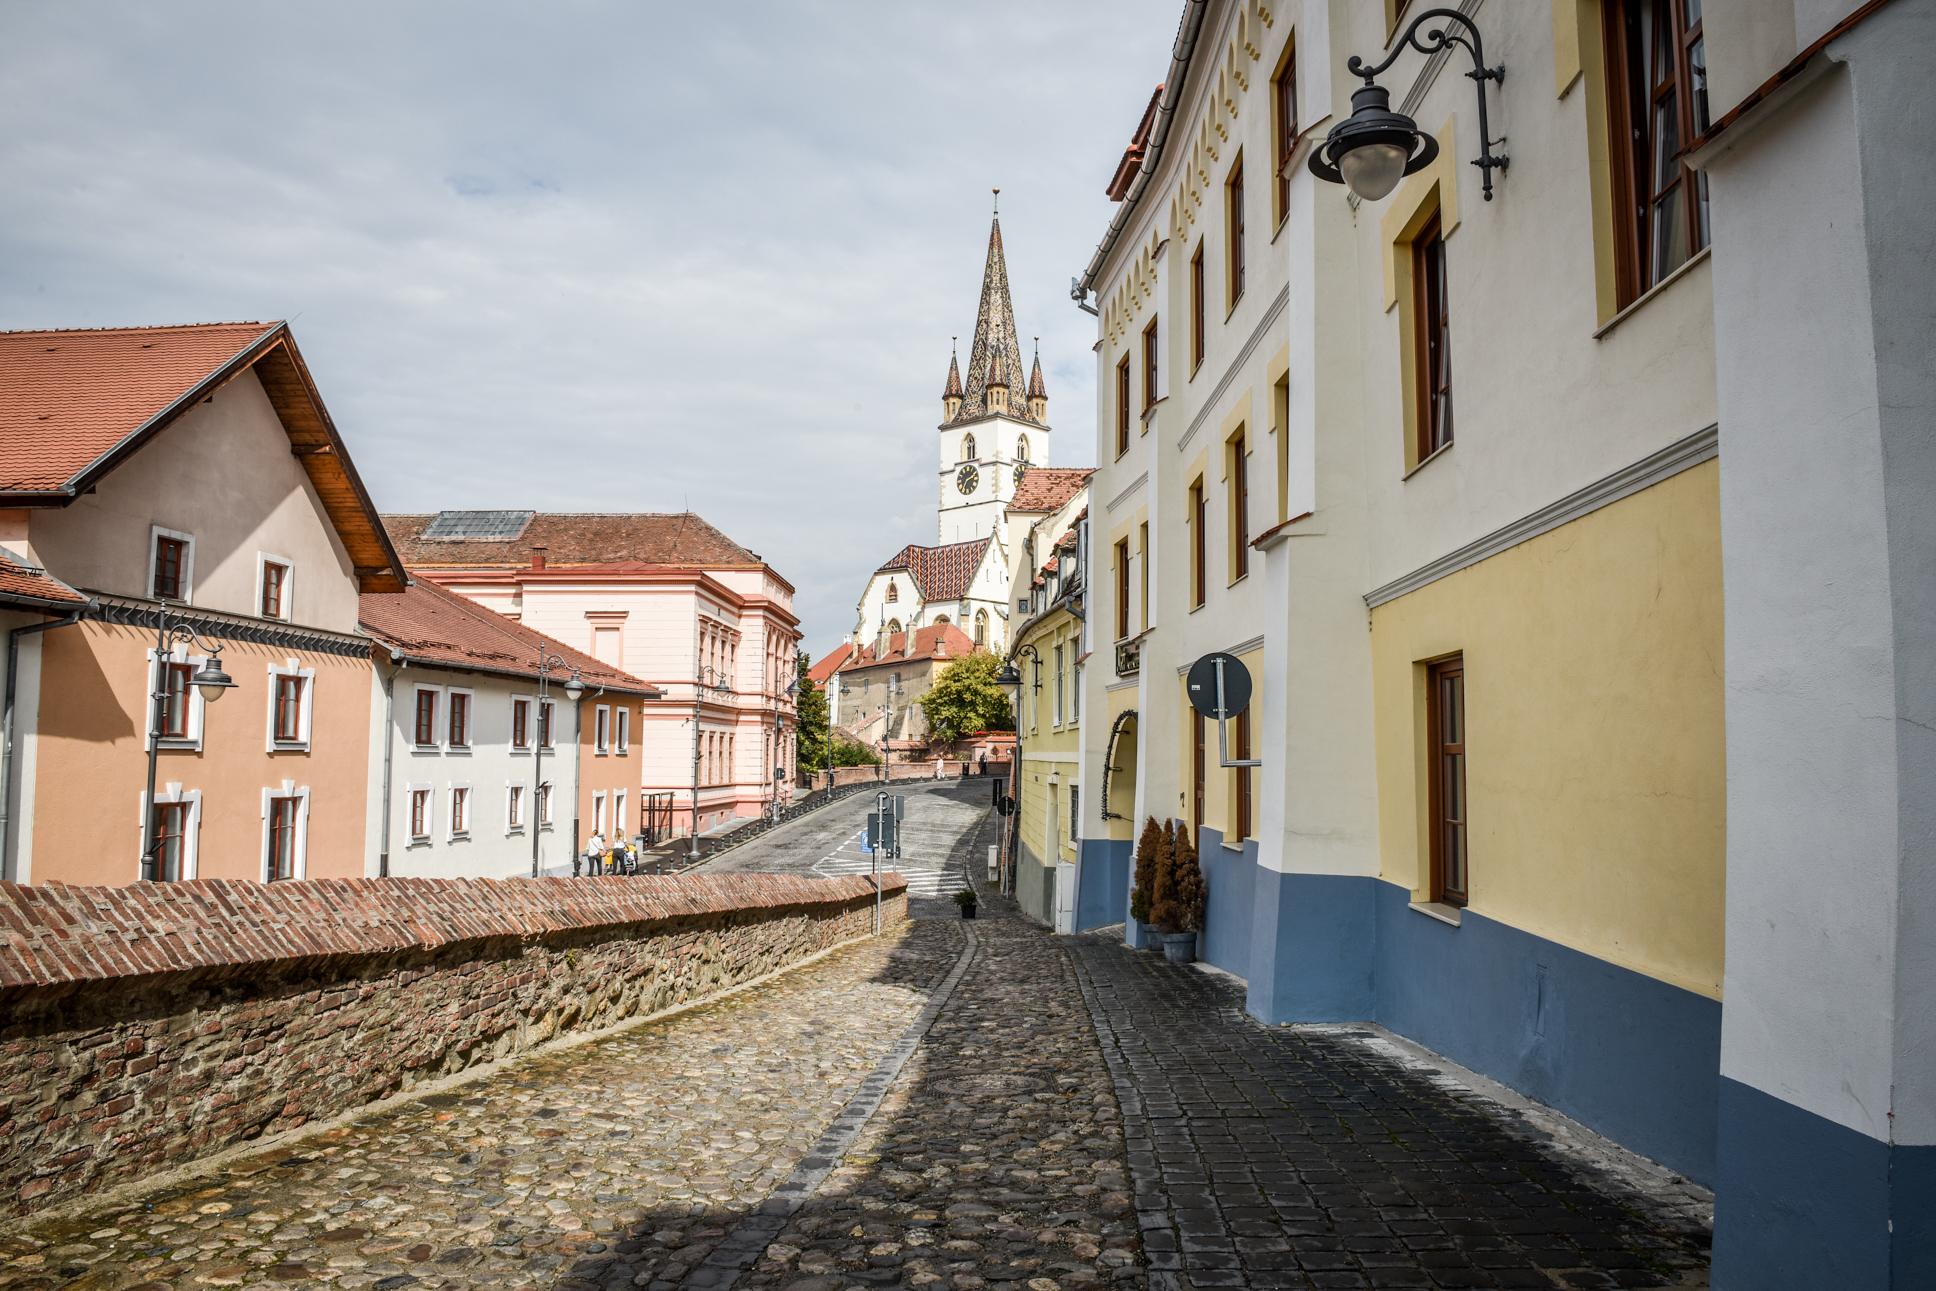 Peste 480 de cazuri active în orașul Sibiu. Incidența crește la 2,84